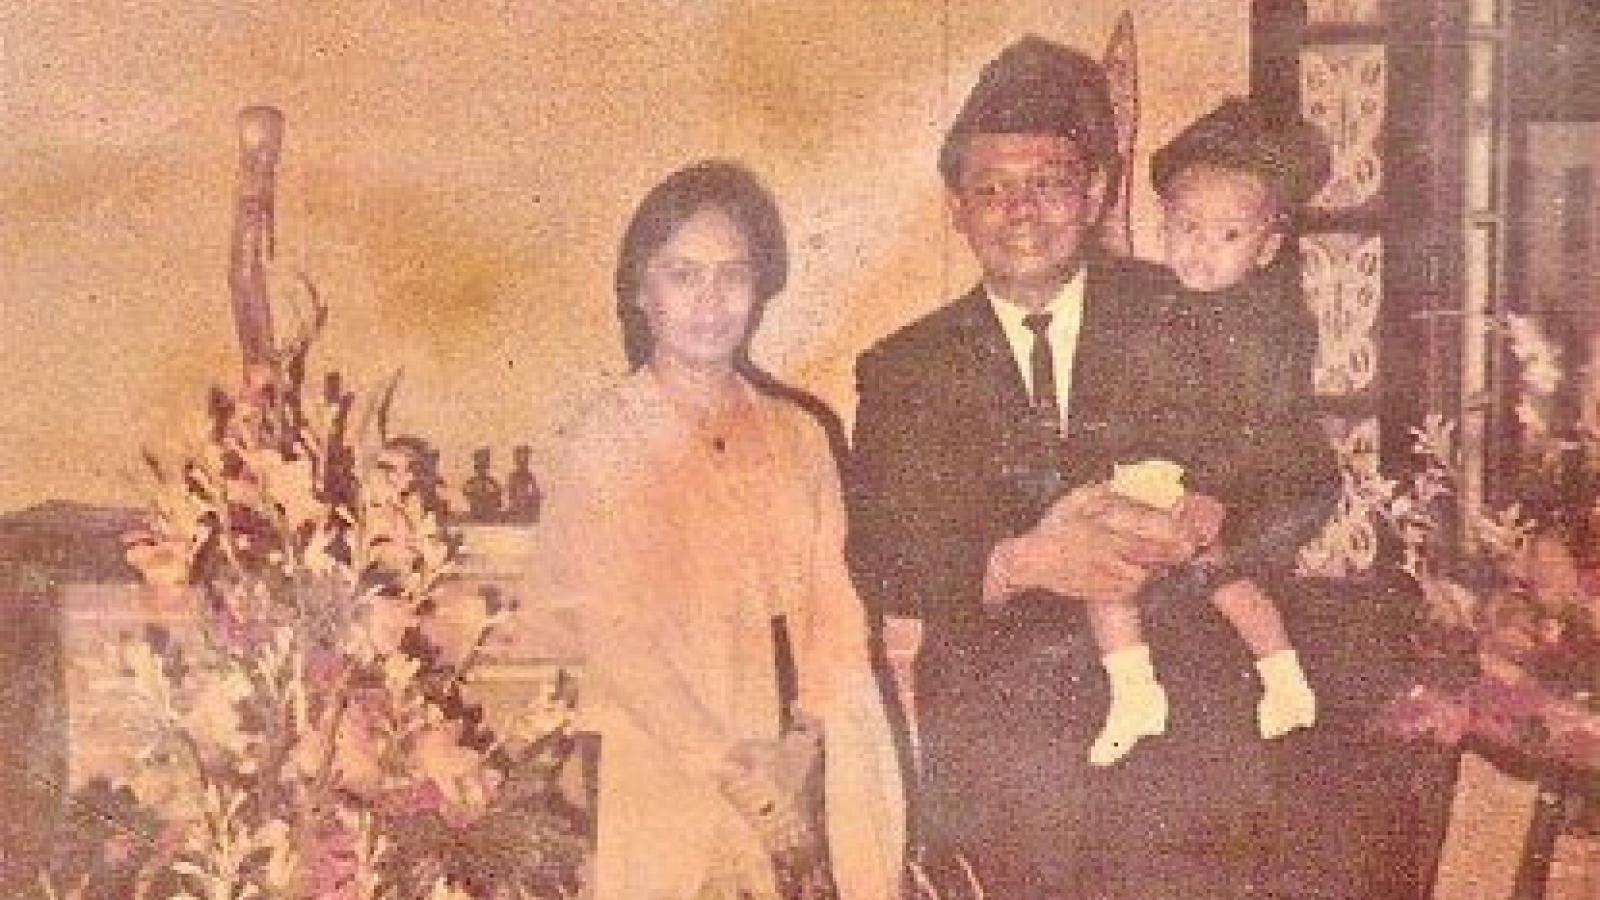 Tình cảm kính trọng của bạn bè Indonesia với Chủ Tịch Hồ Chí Minh